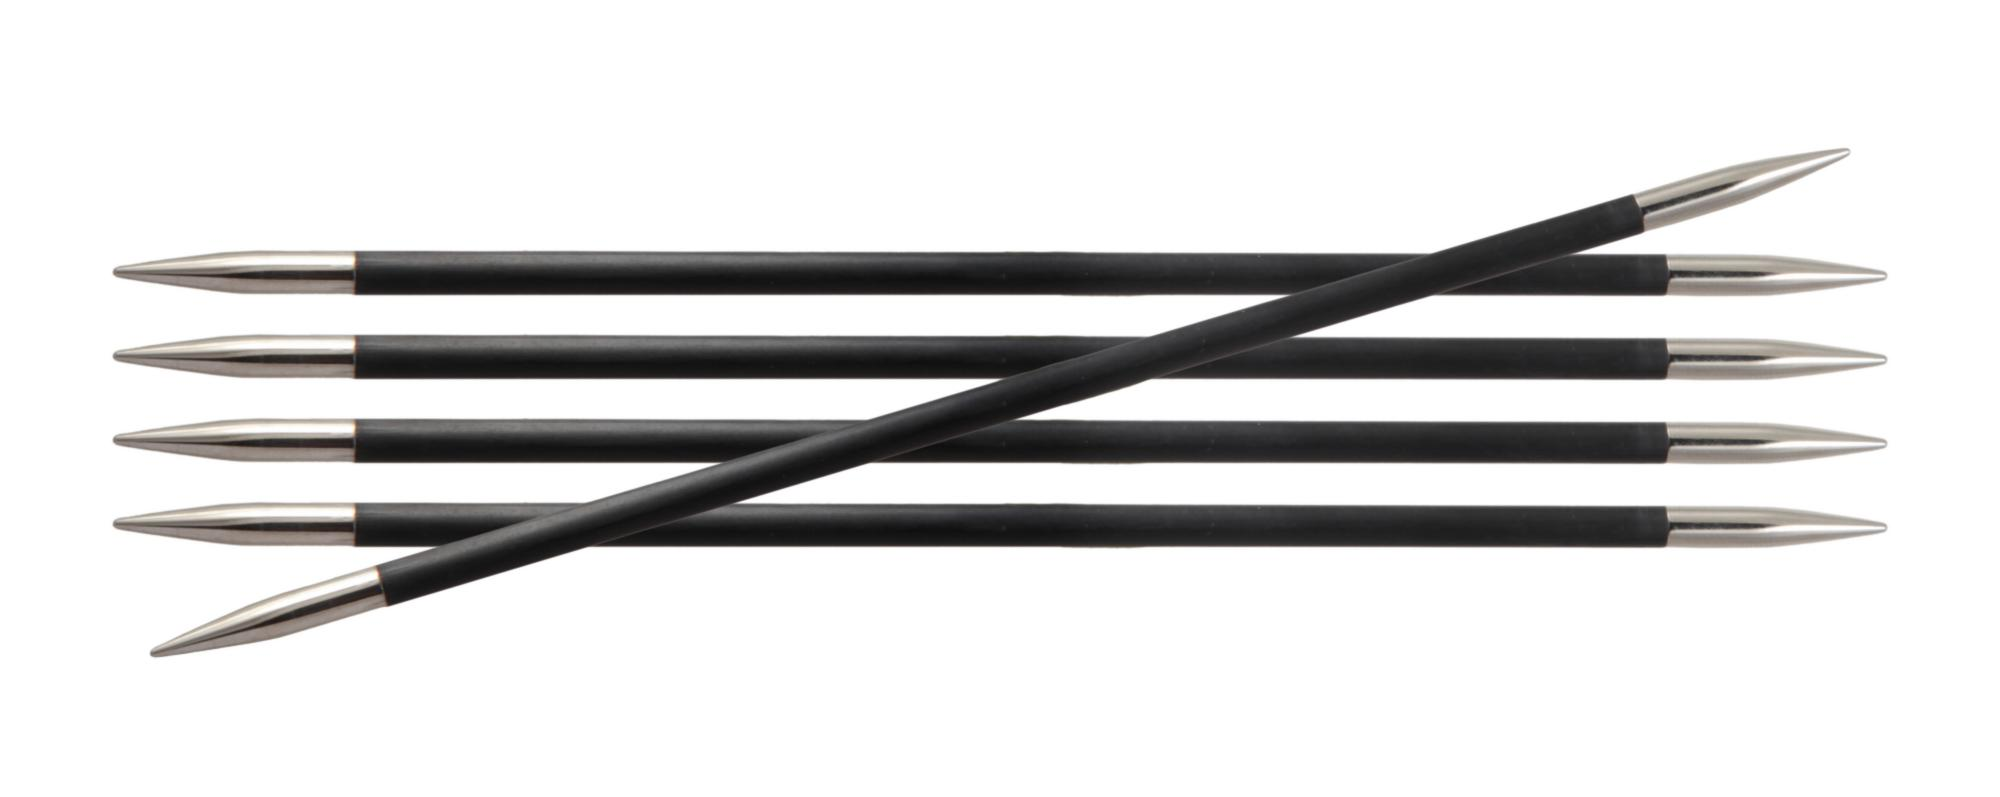 Спицы носочные 15 см Karbonz KnitPro, 41106, 2.25 мм